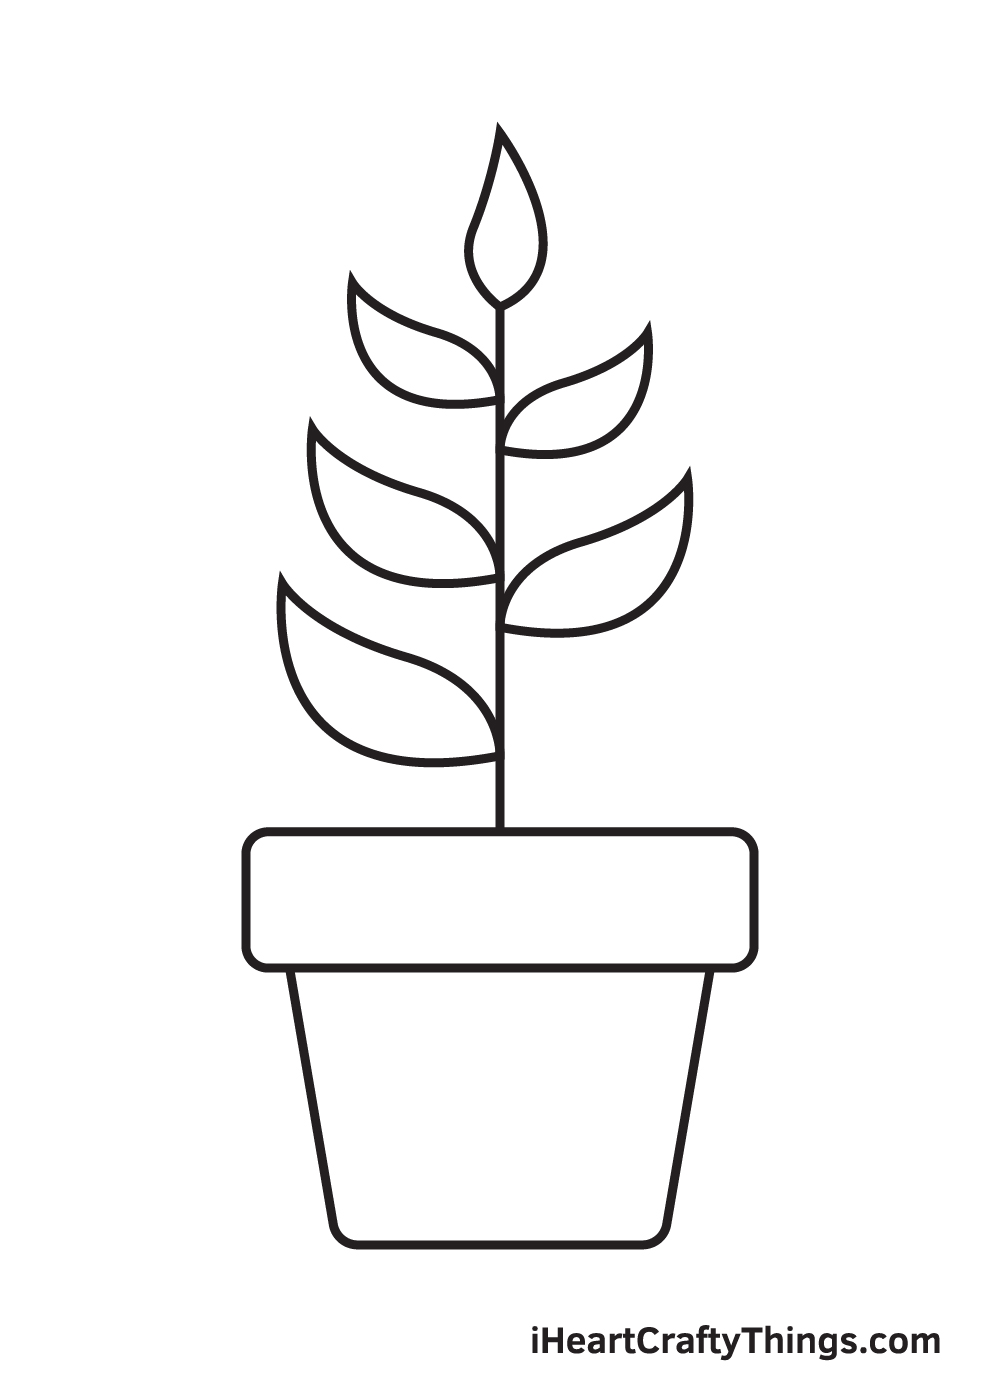 Bản vẽ thực vật - Bước 8